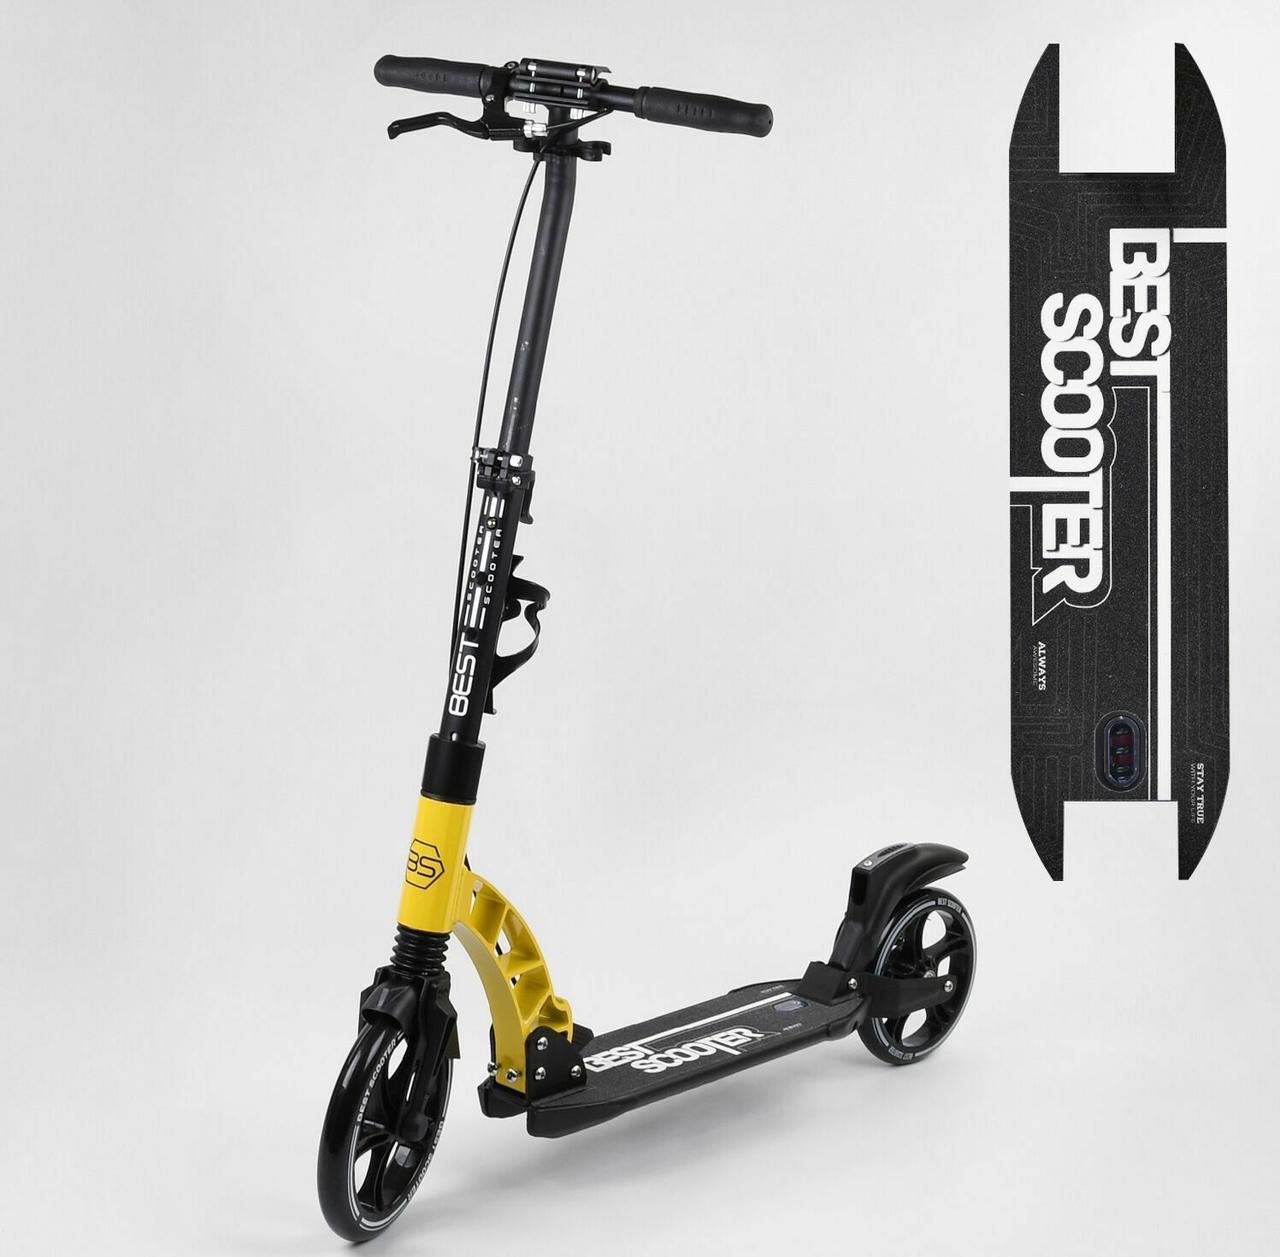 Самокат с PU колесами и ручным тормозом для взрослых и детей с флягодержателем Двухколесный детский самокат